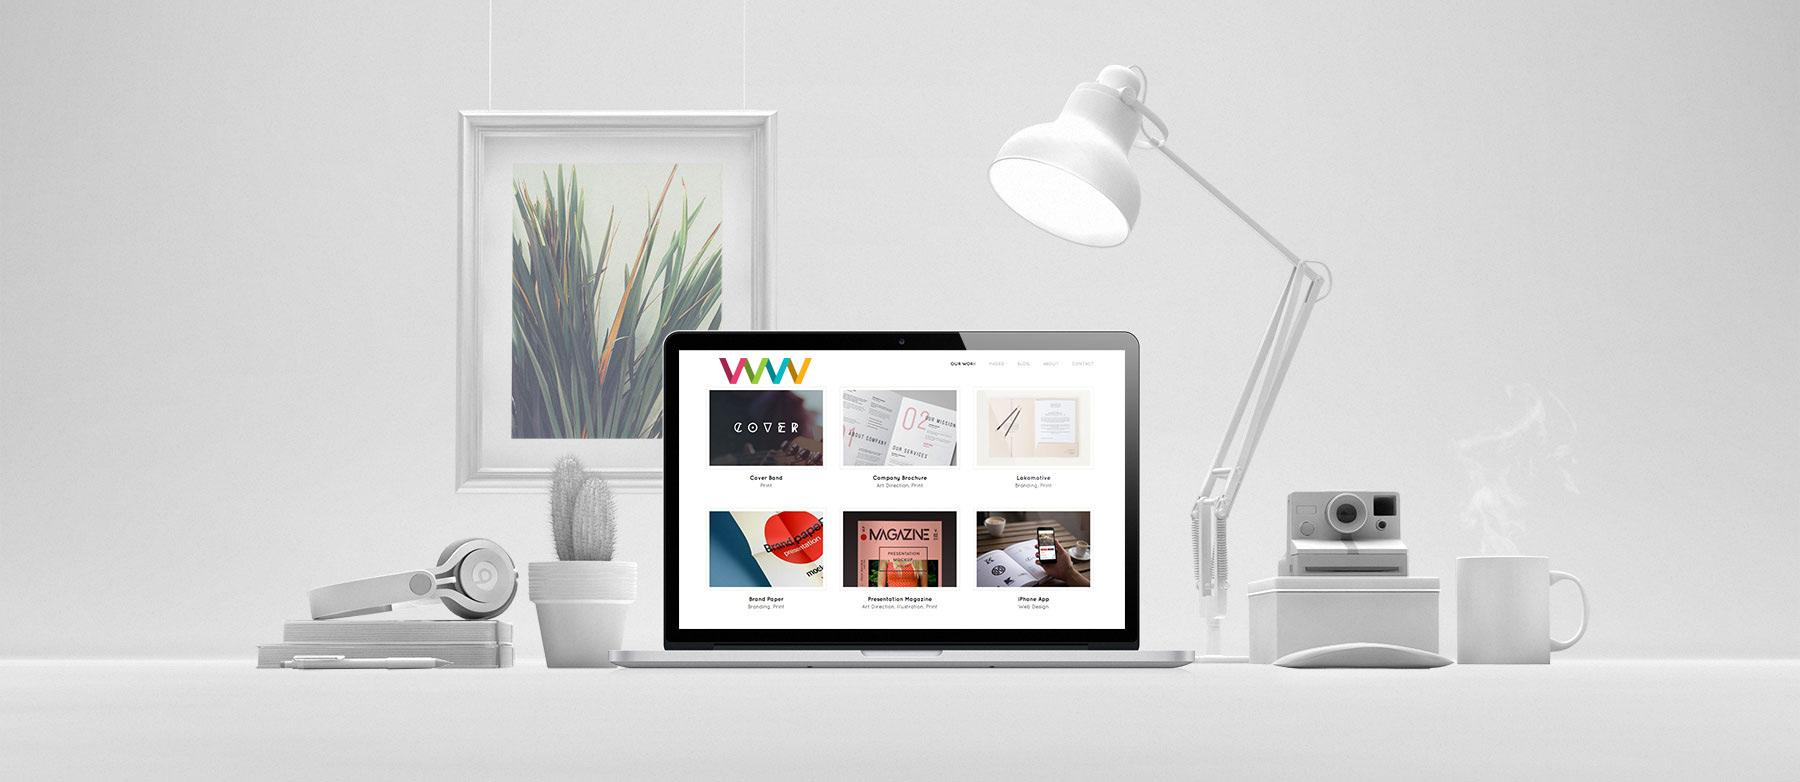 یک شرکت طراحی وب سایت به چه نیروهایی نیاز دارد